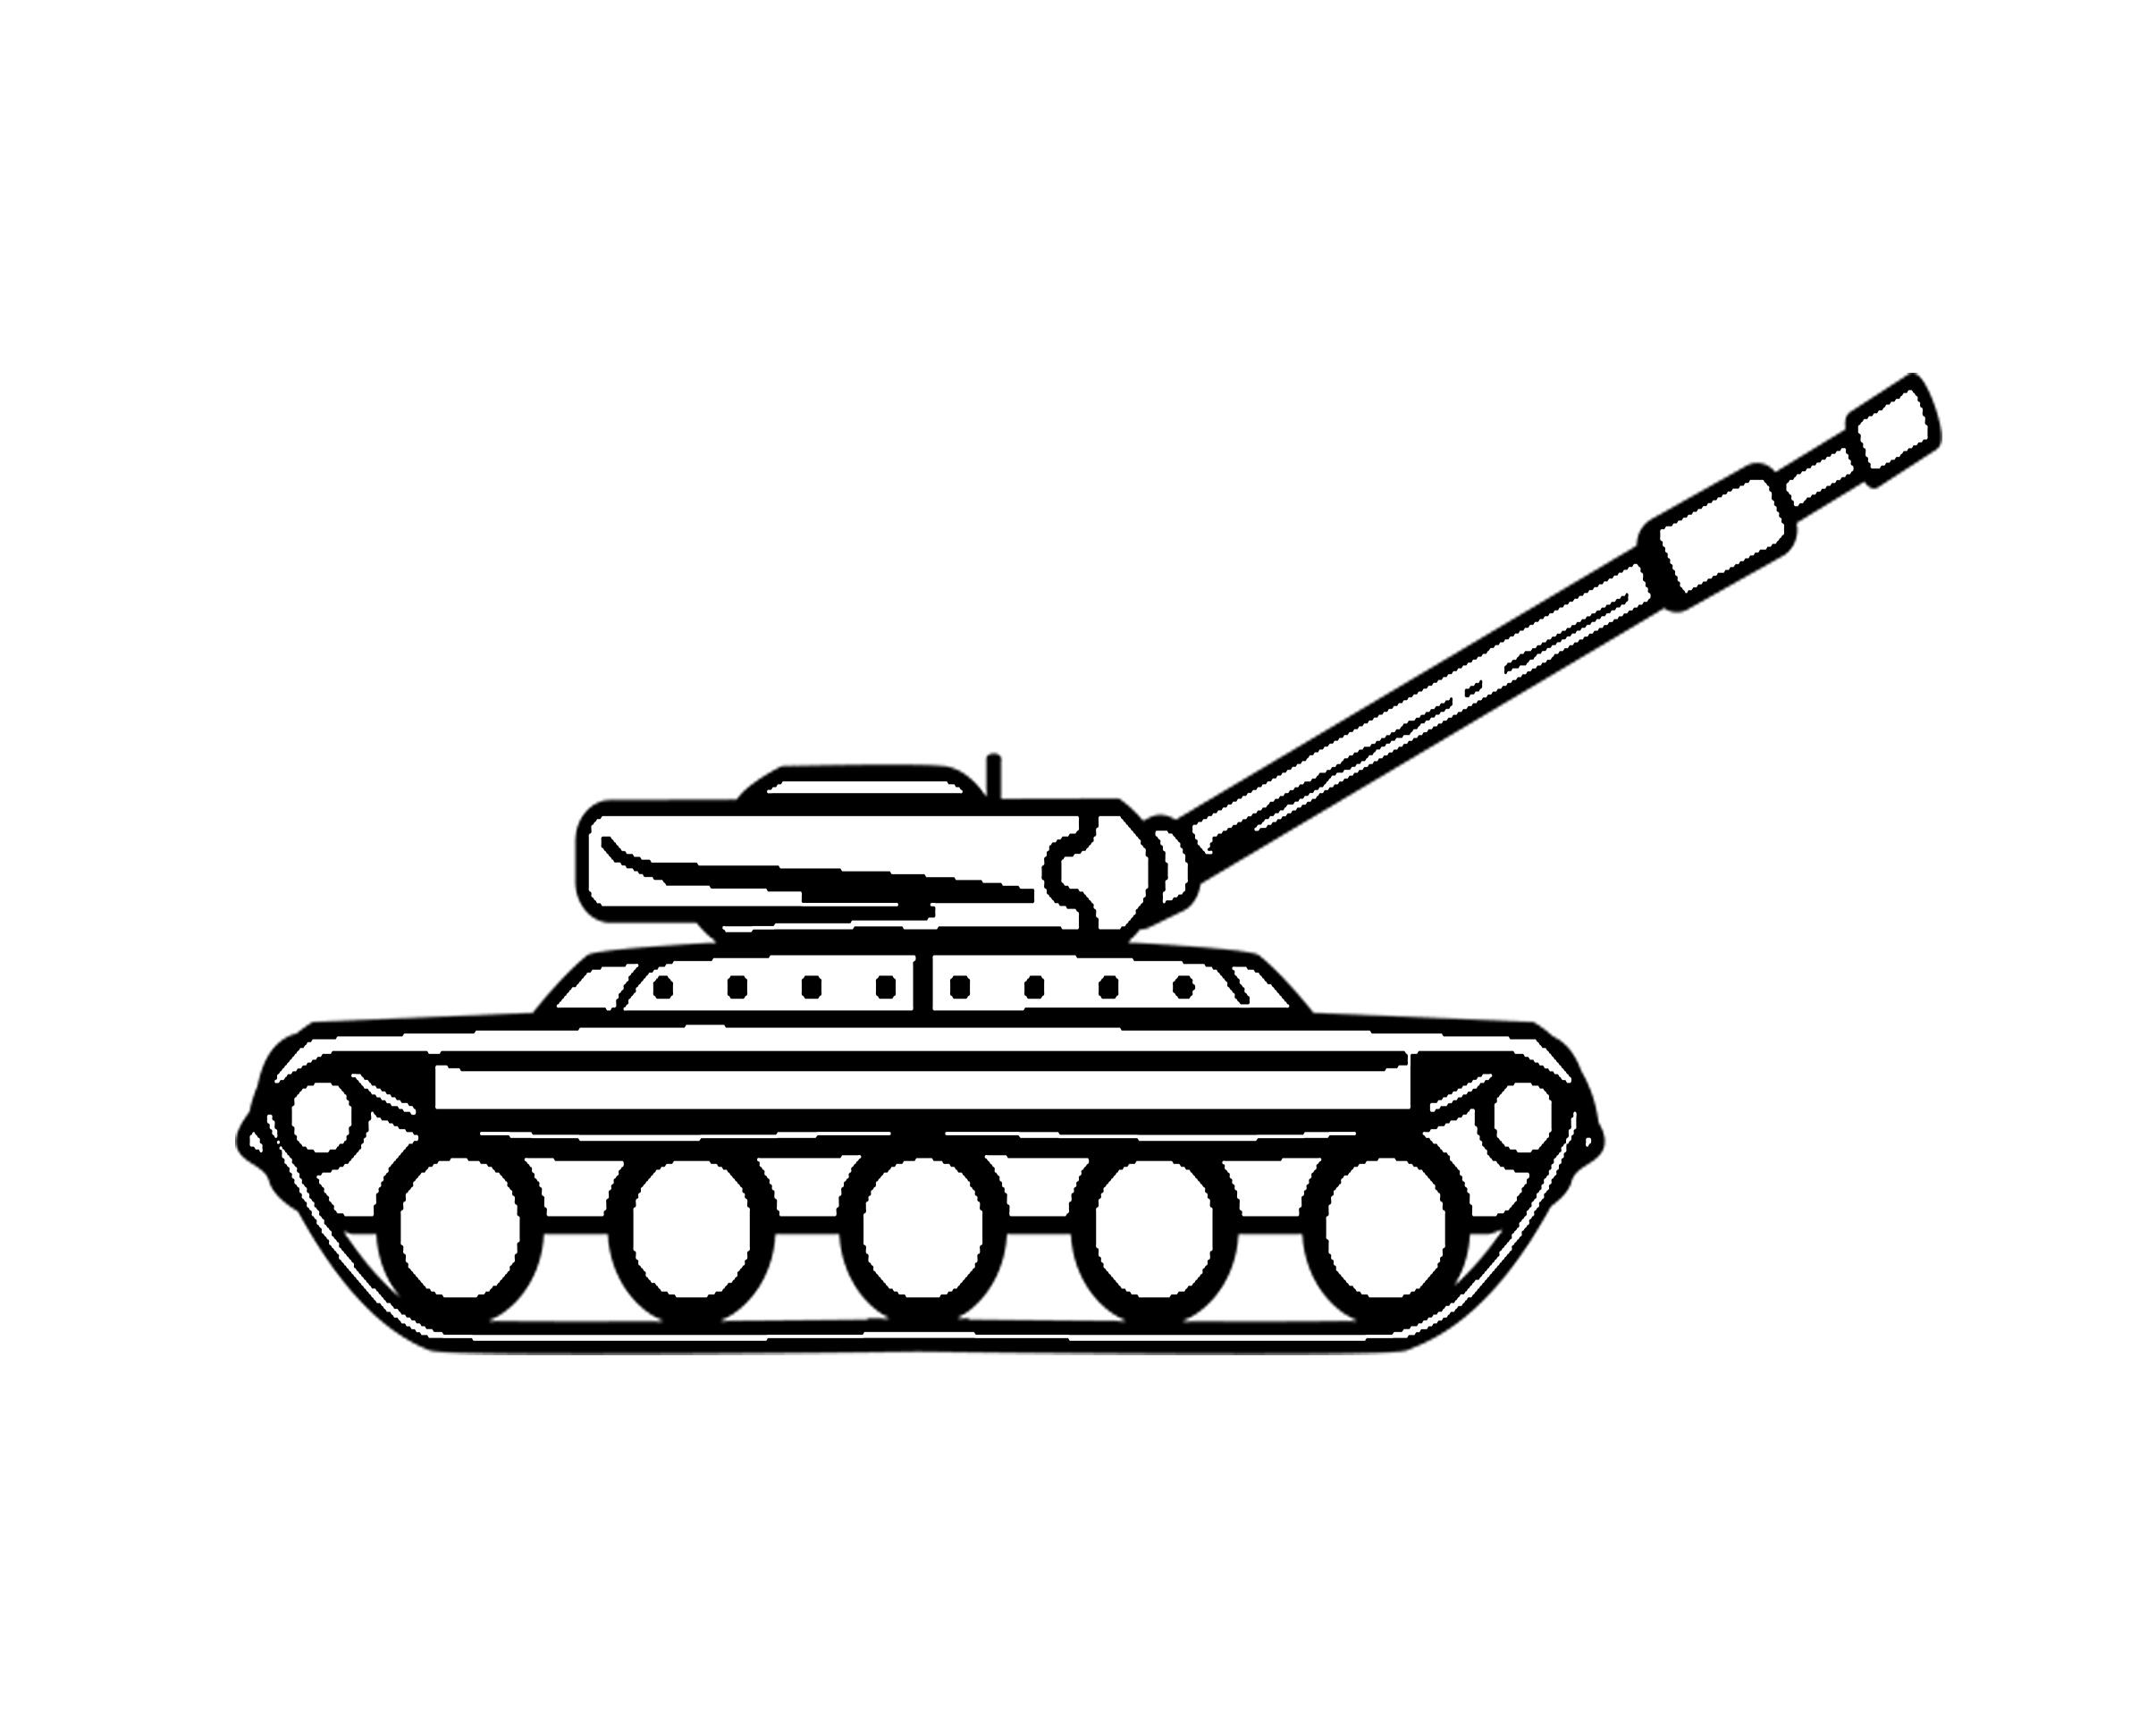 Panzer Ausmalbilder Kostenlos Malvorlagen Windowcolor zum Drucken